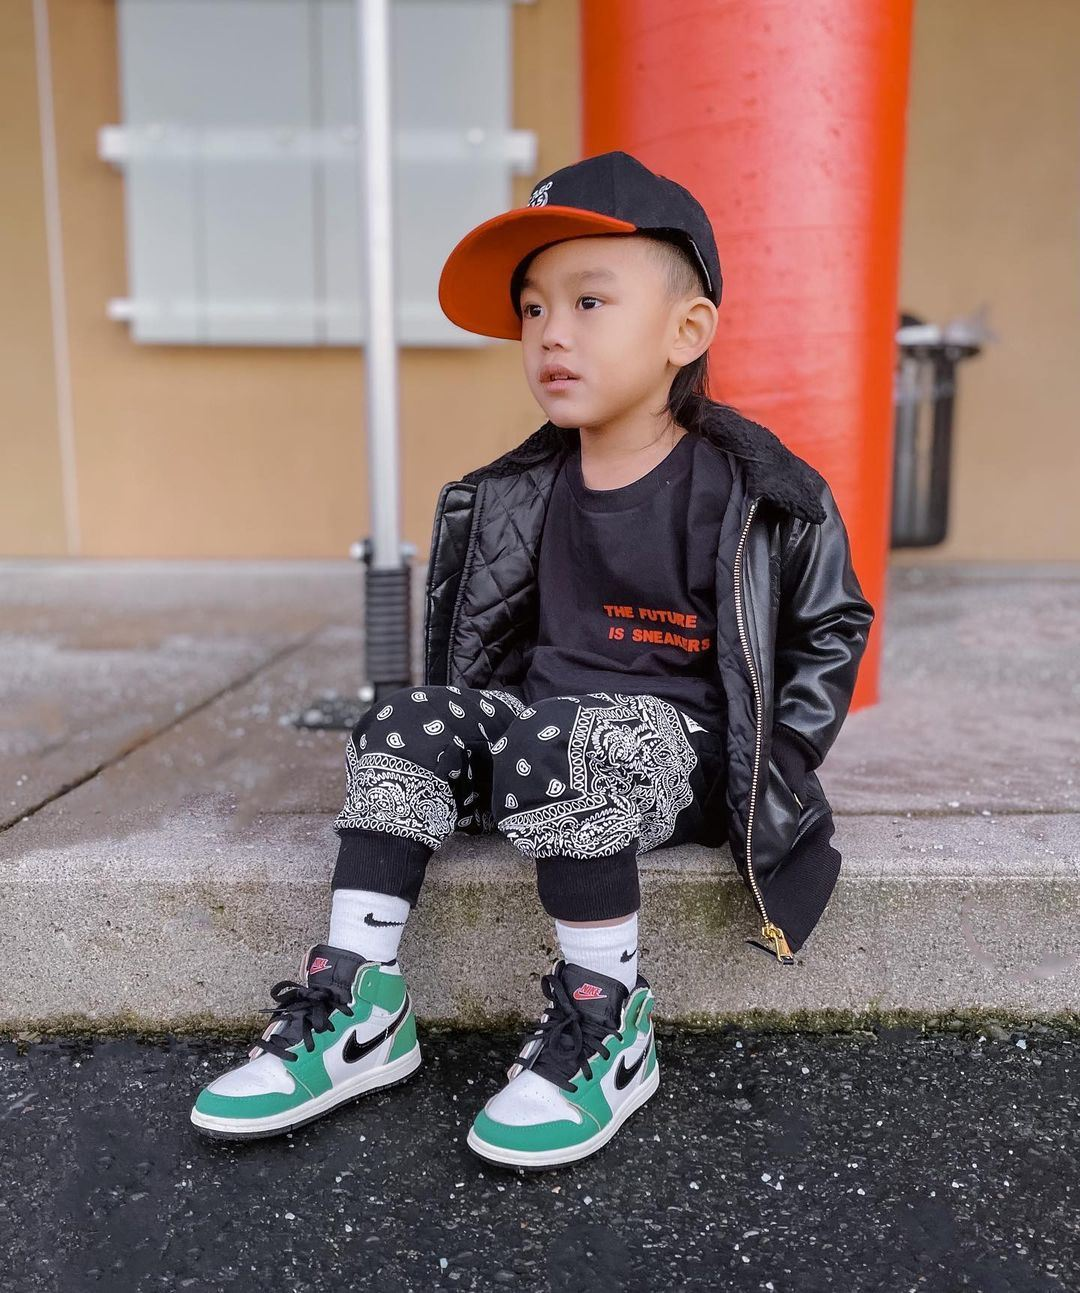 bộ sưu tập giày bóng rổ trẻ em